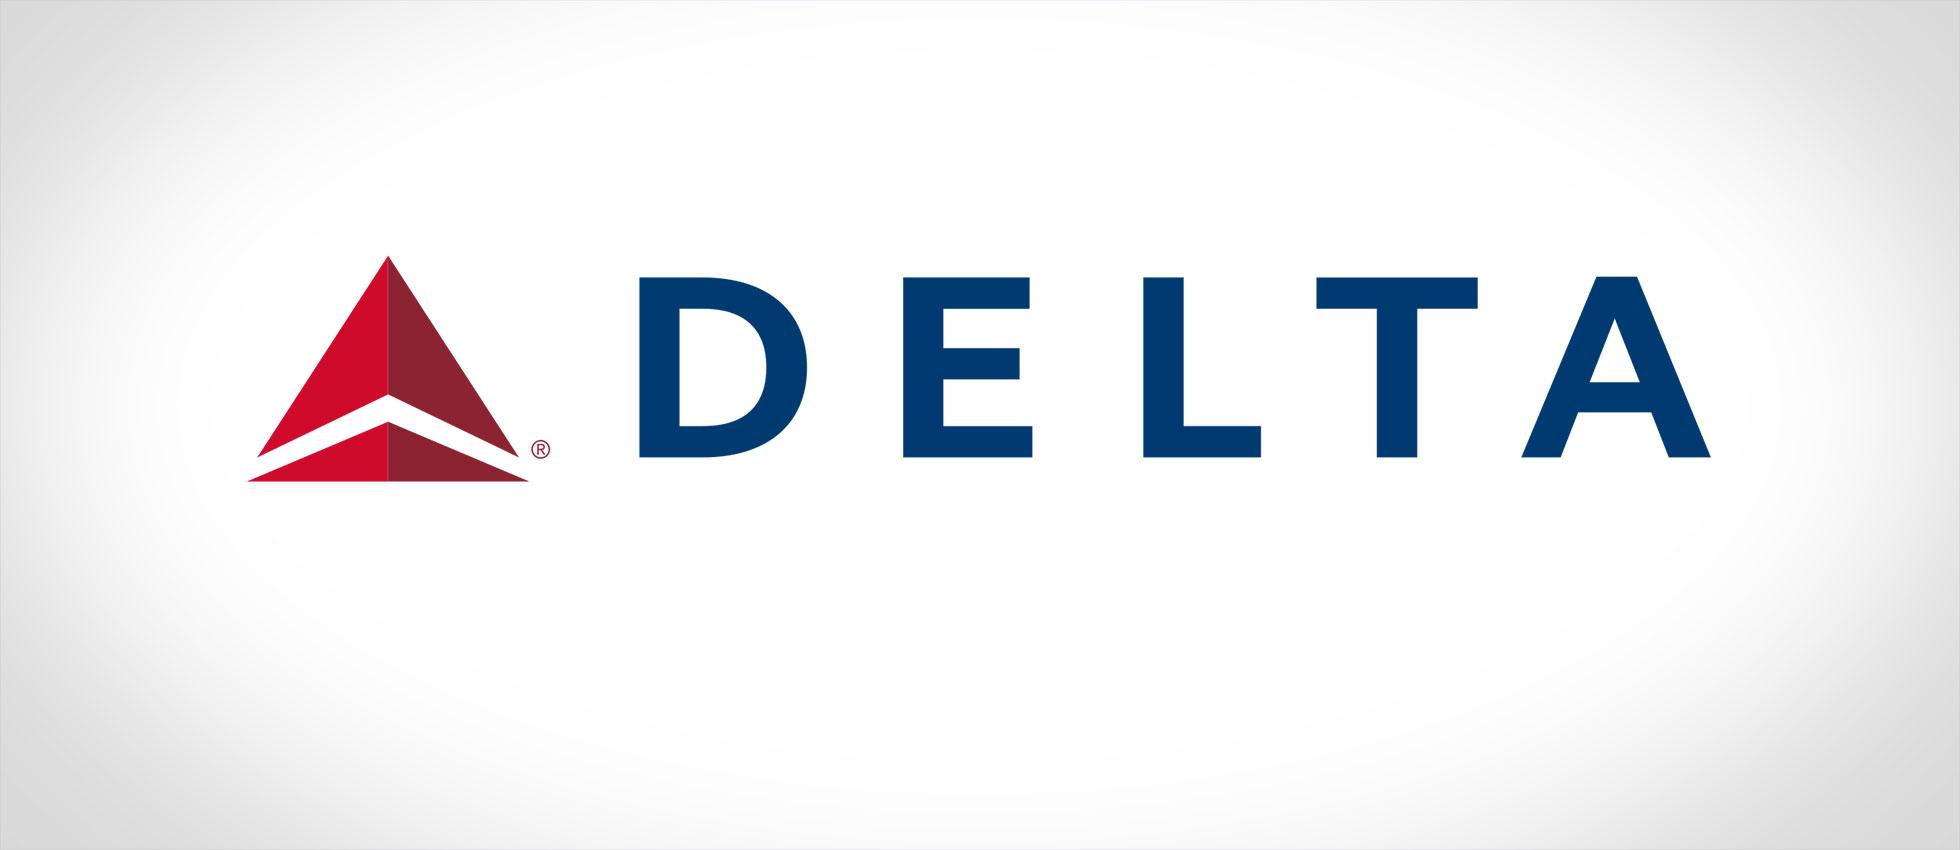 delta-airlines-logo_1529346656257.jpg